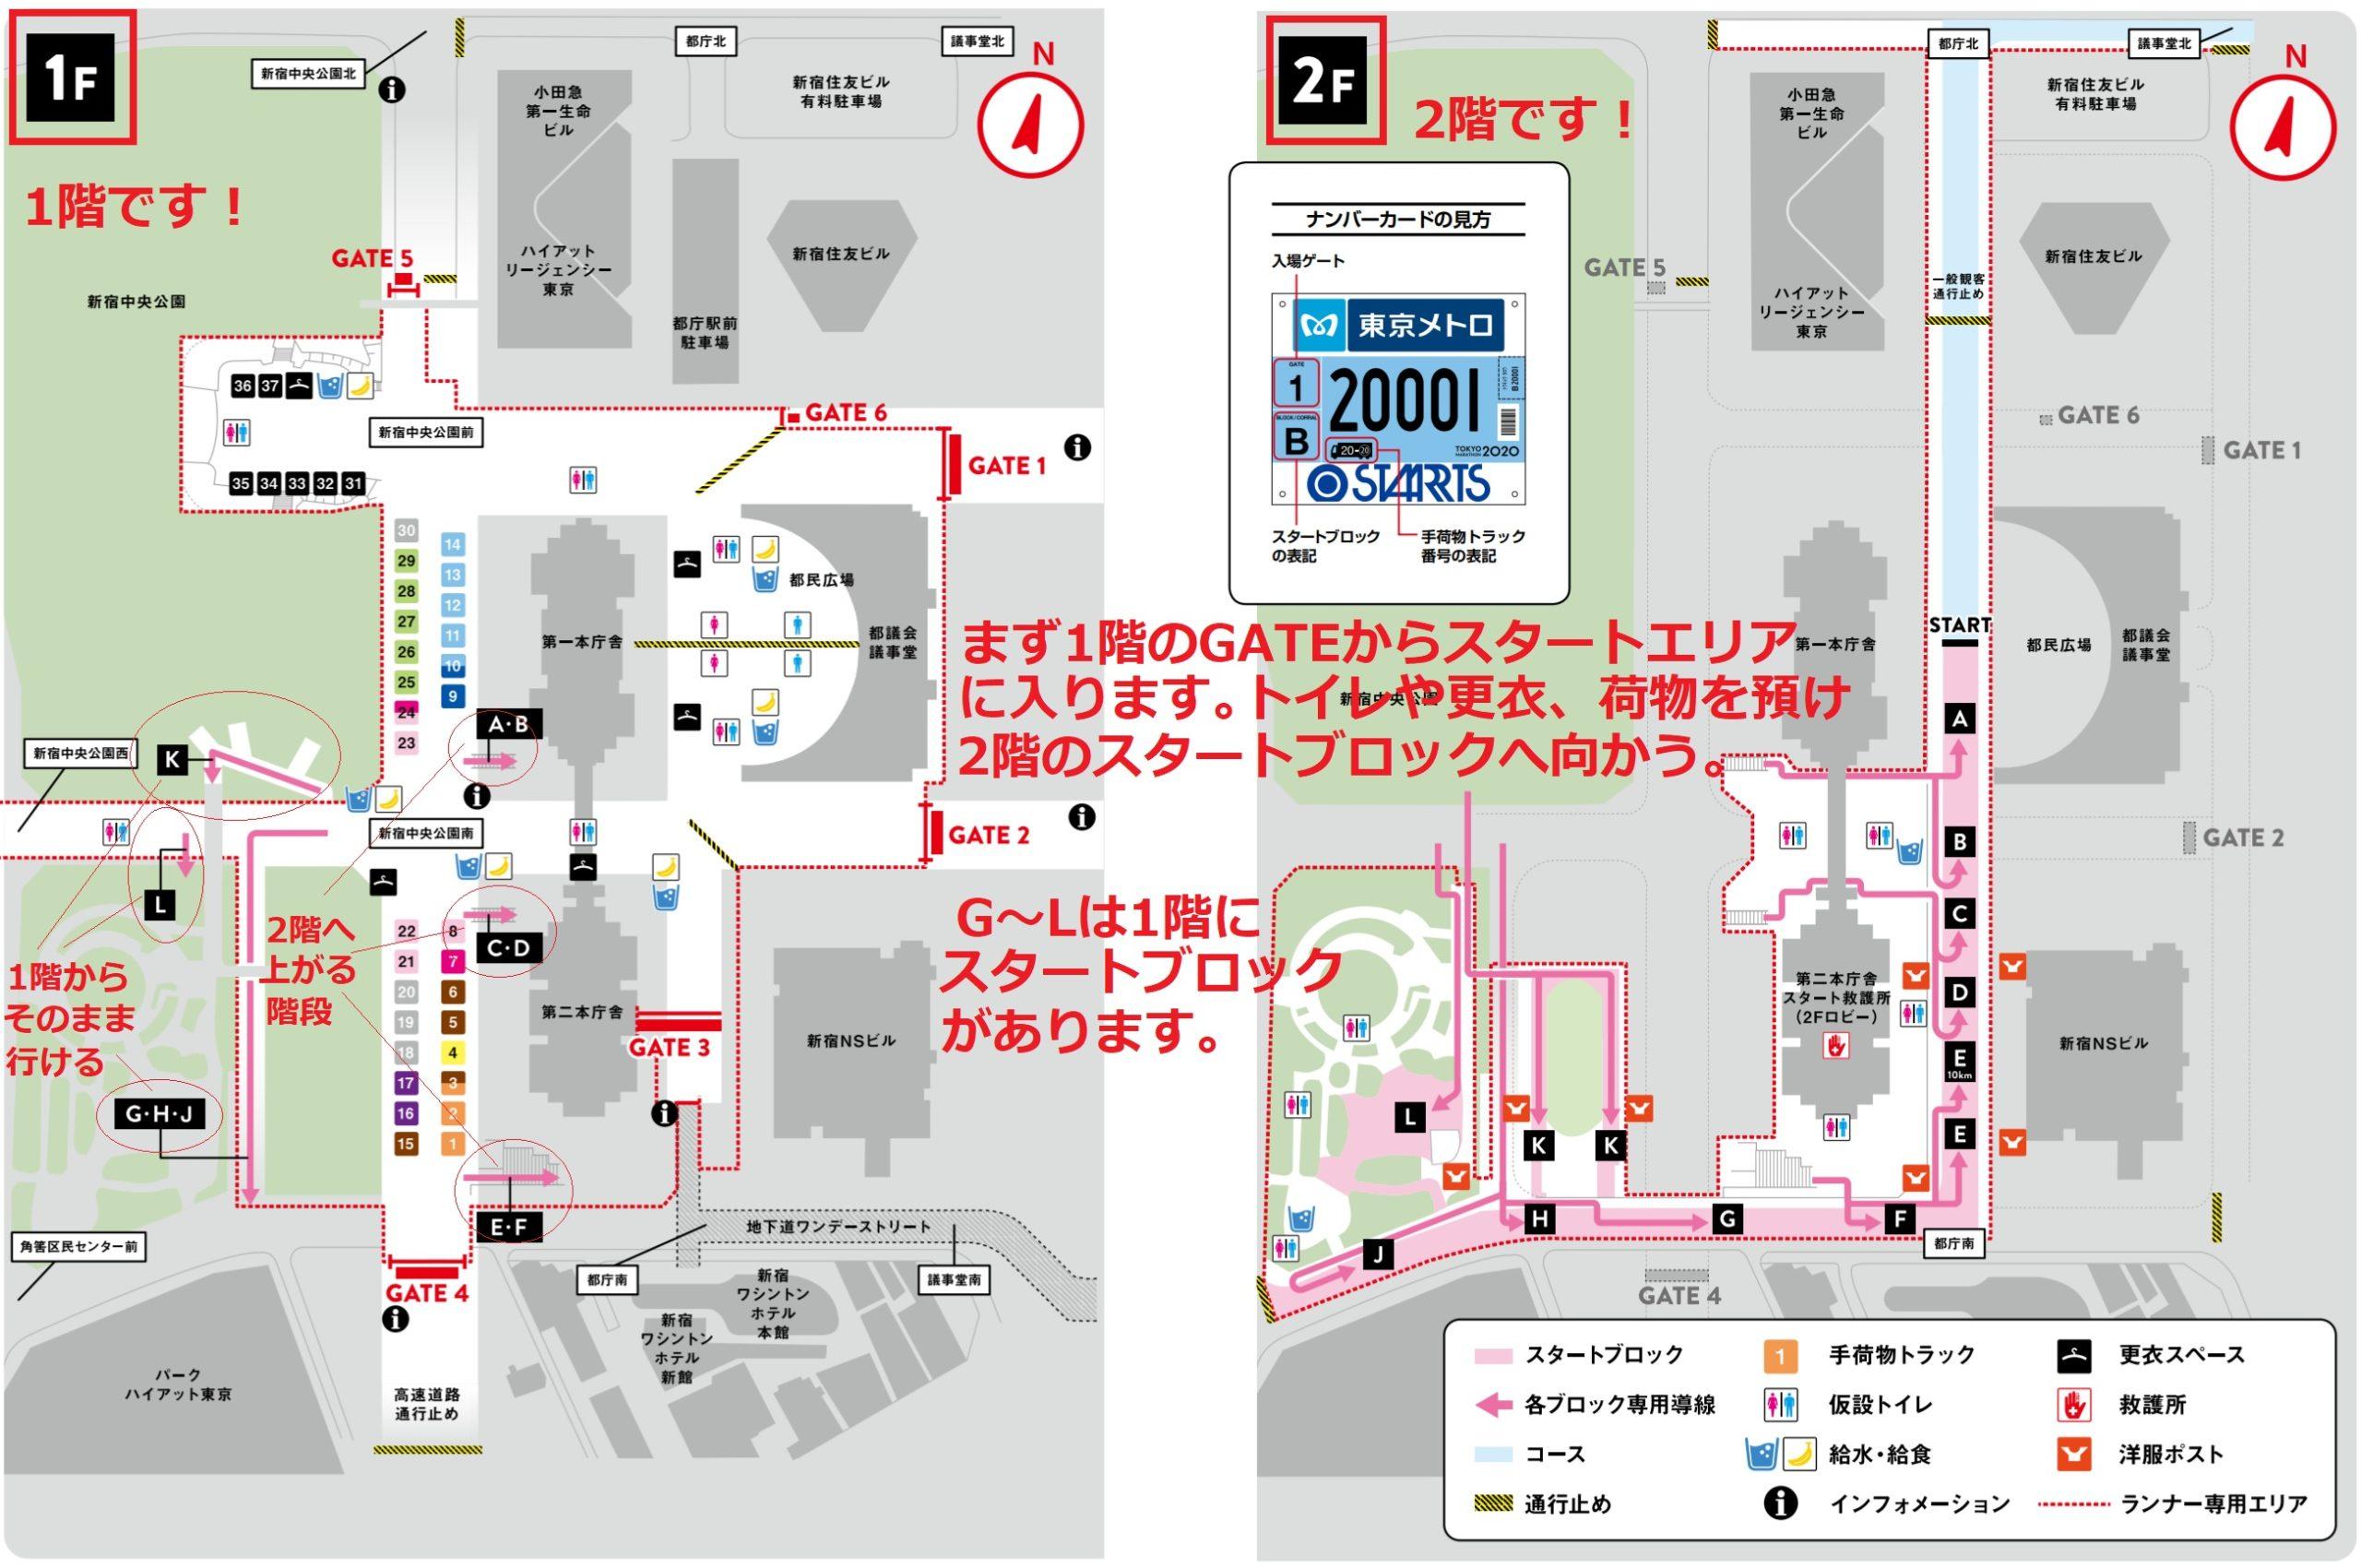 東京マラソンスタートエリアマップ(1階)とスタートブロックマップ(2階)